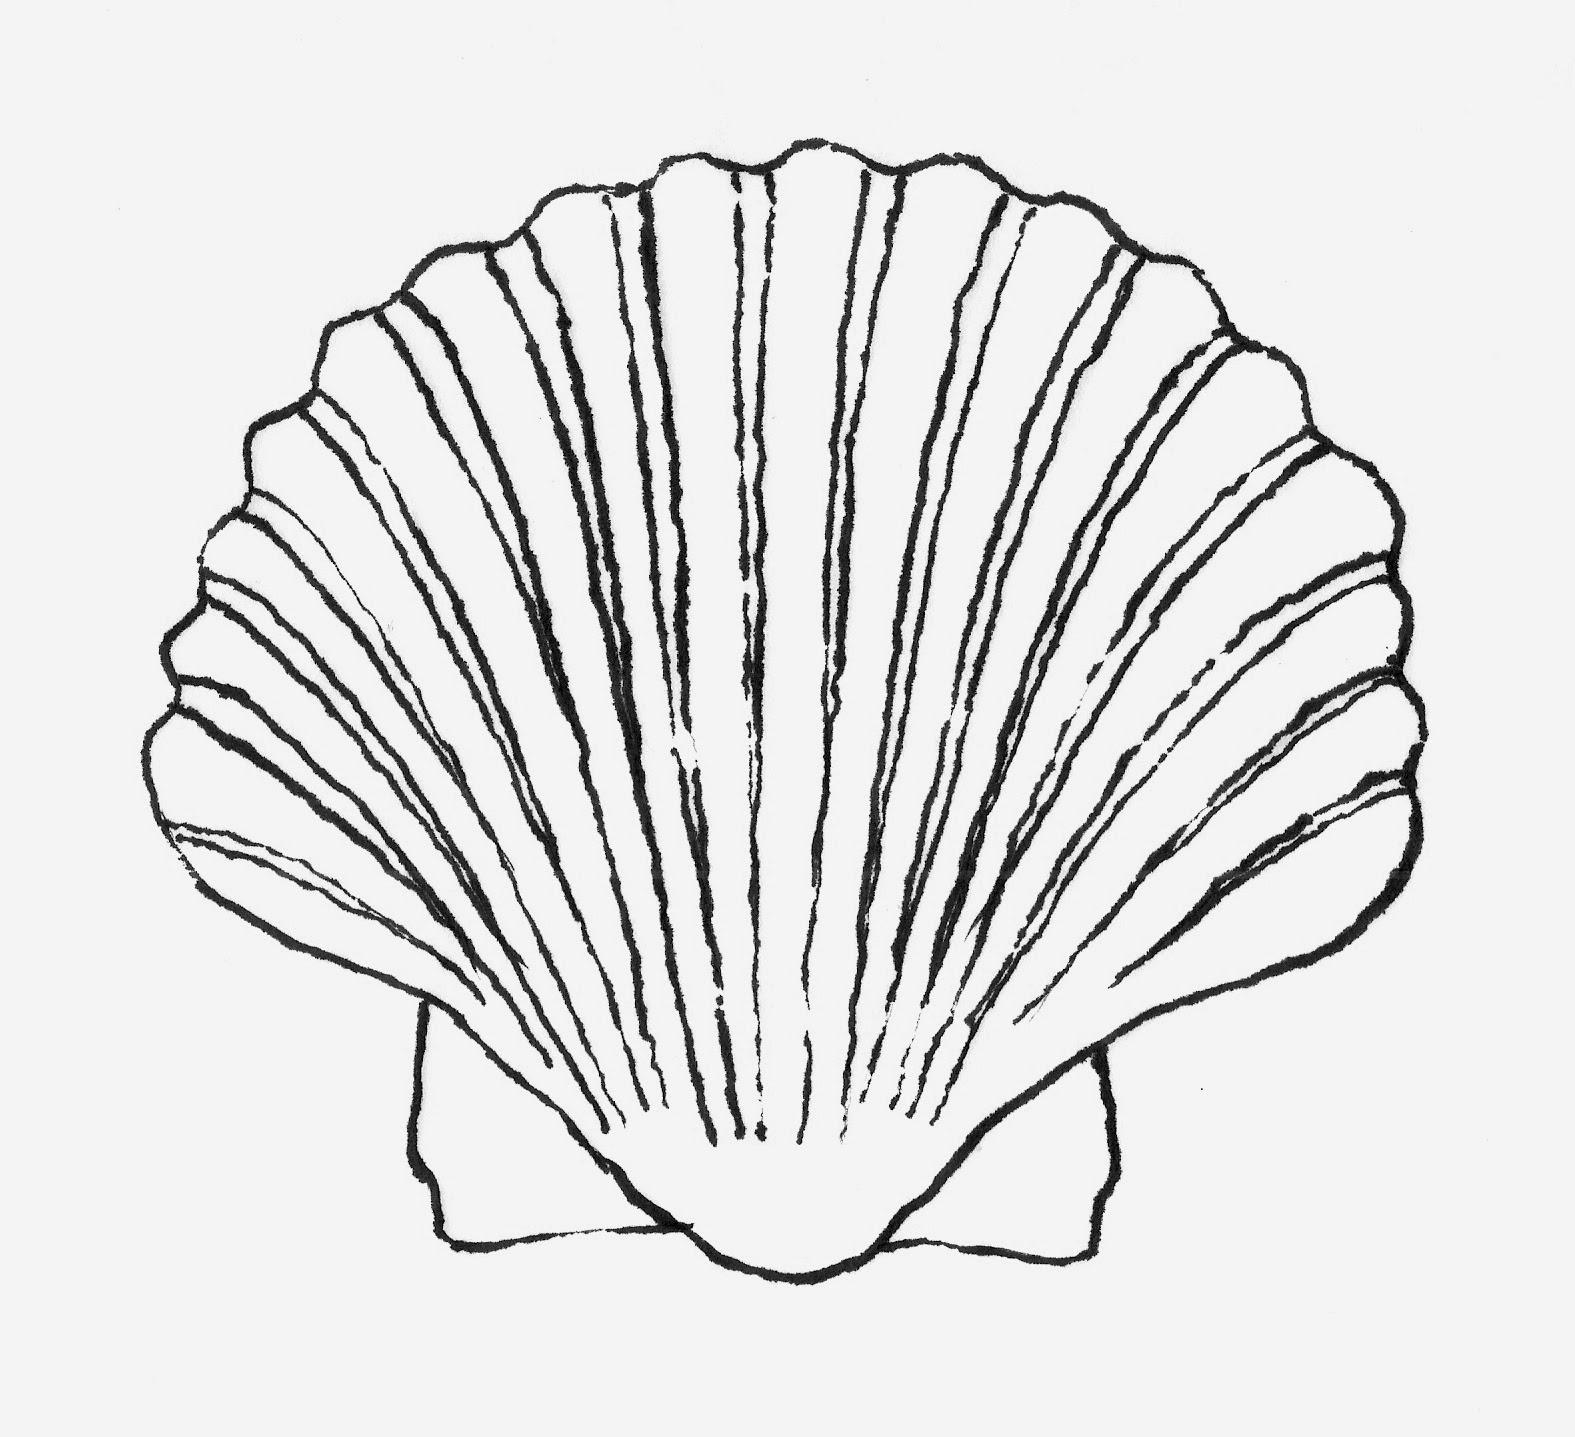 1575x1437 Printable Shell Line Drawing